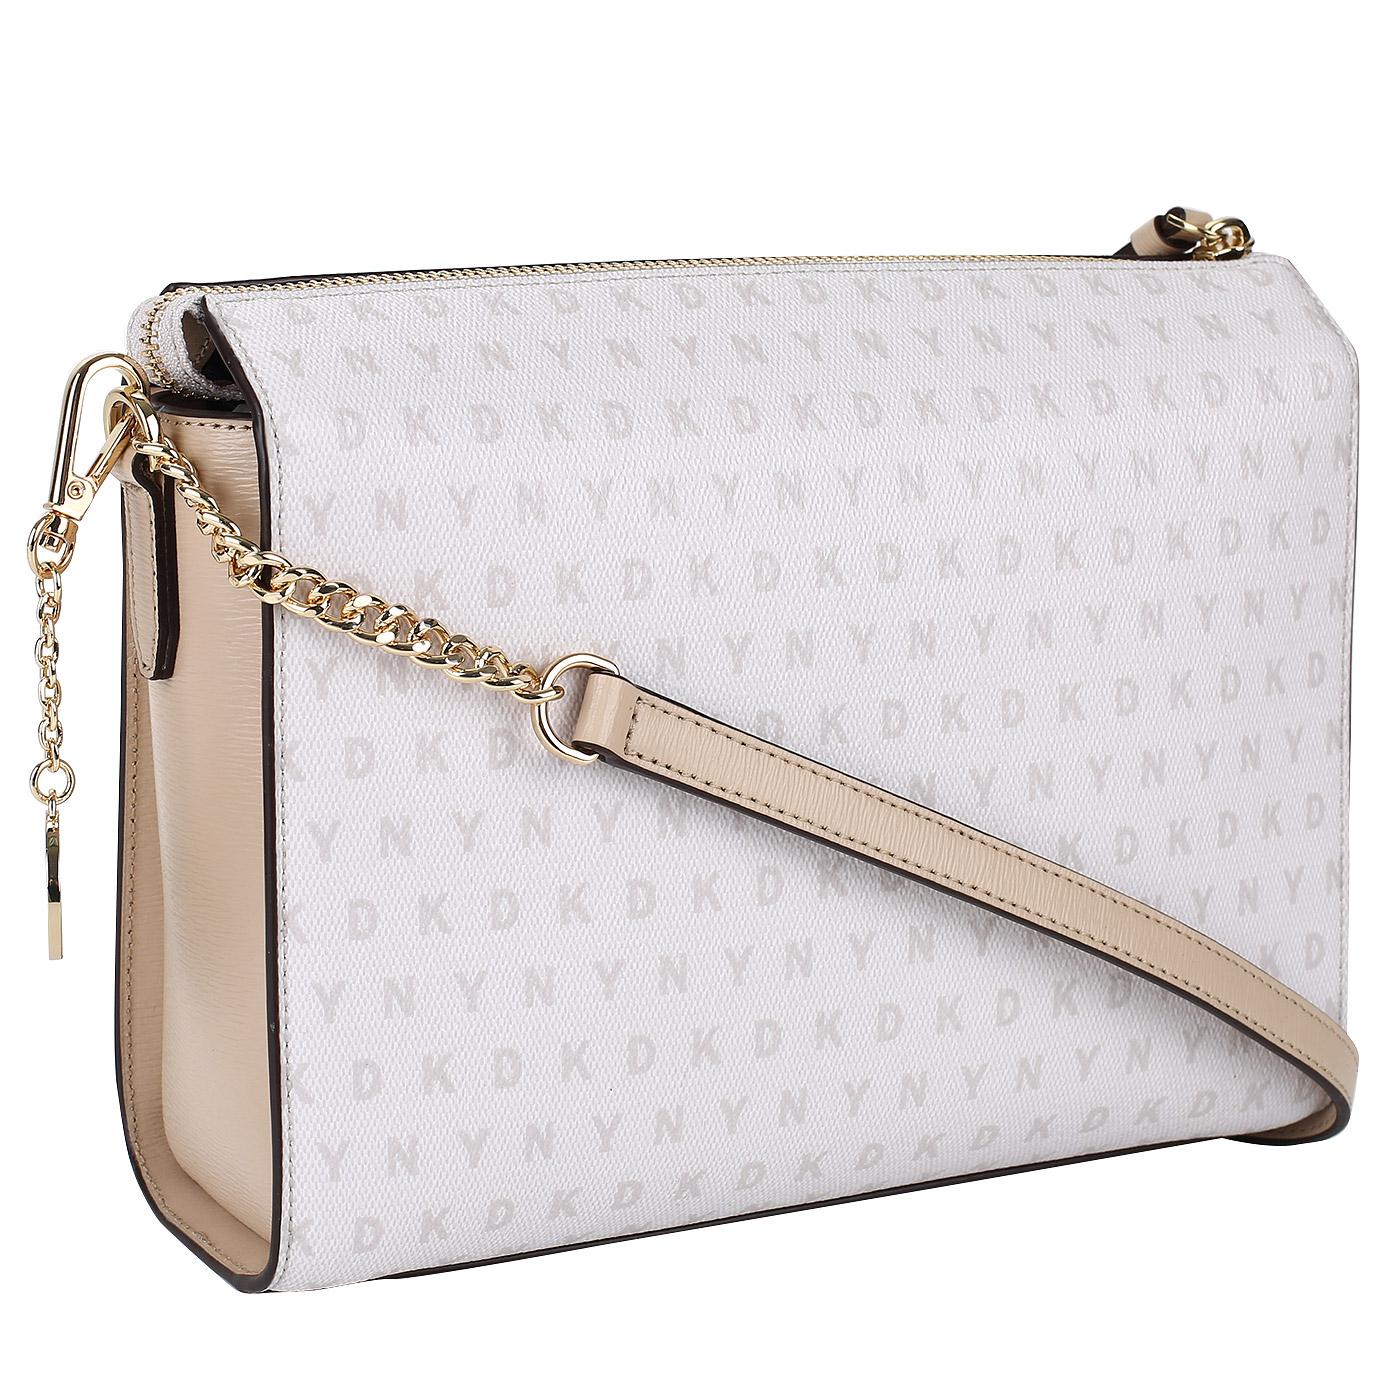 673693ea4846 Женские сумки DKNY - каталог цен, где купить в интернет-магазинах ...